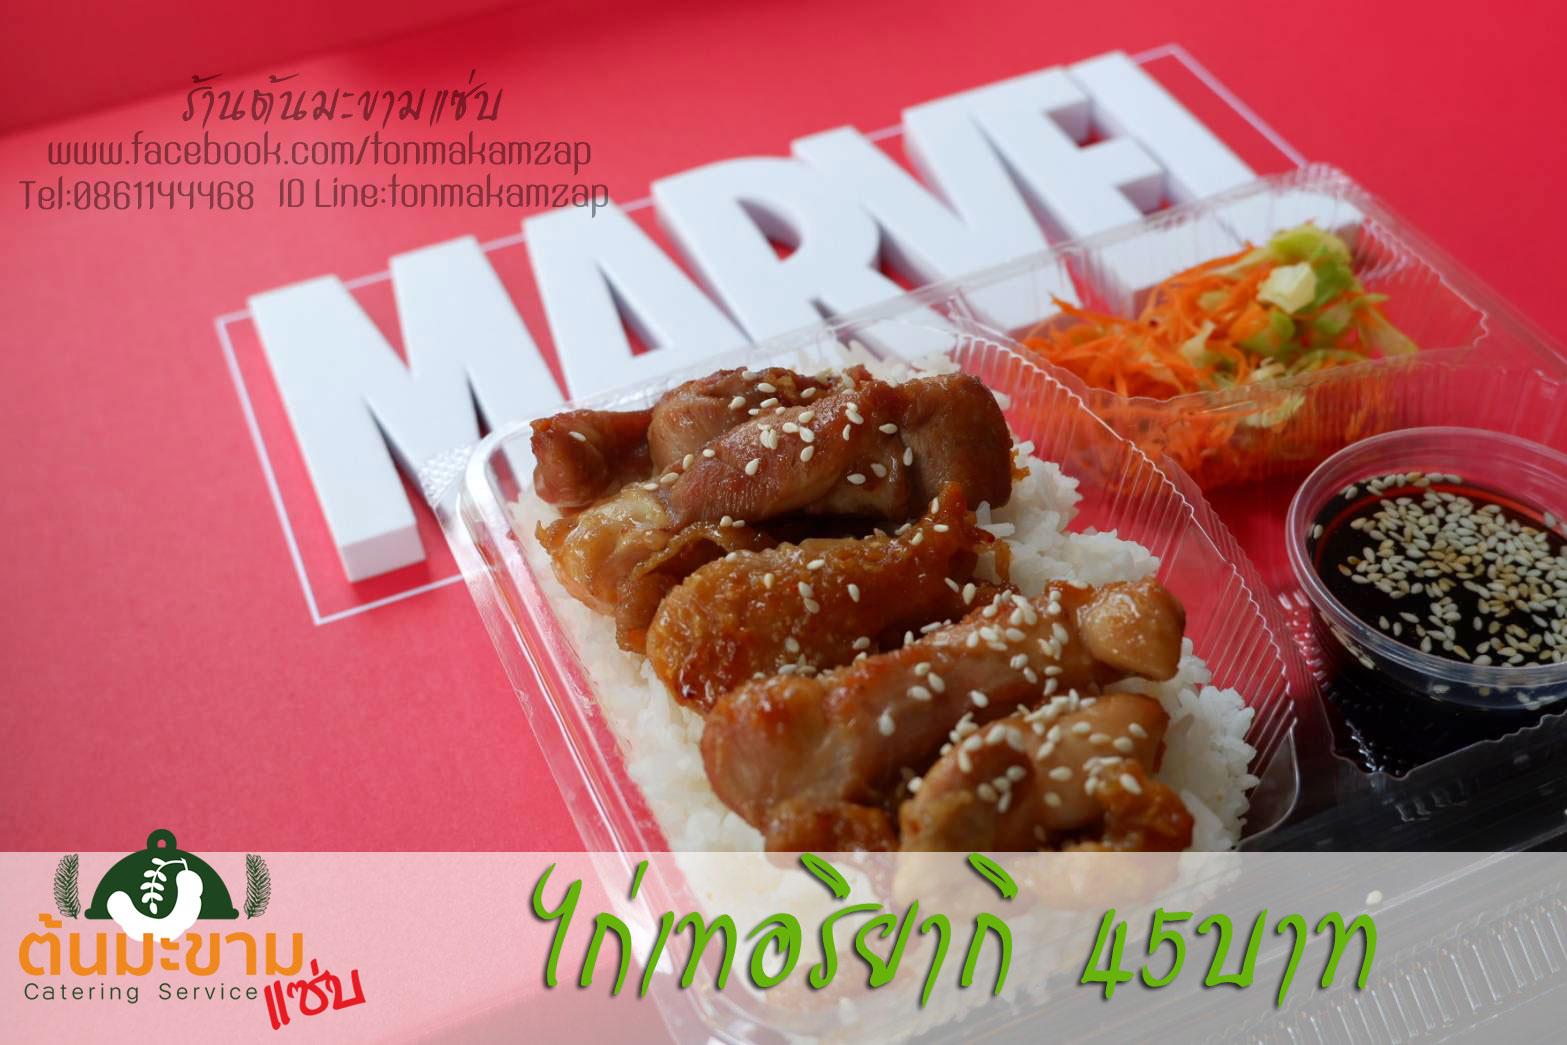 ข้าวไก่เทอริยากิ ข้าวกล่องส่งเมกาบางนา